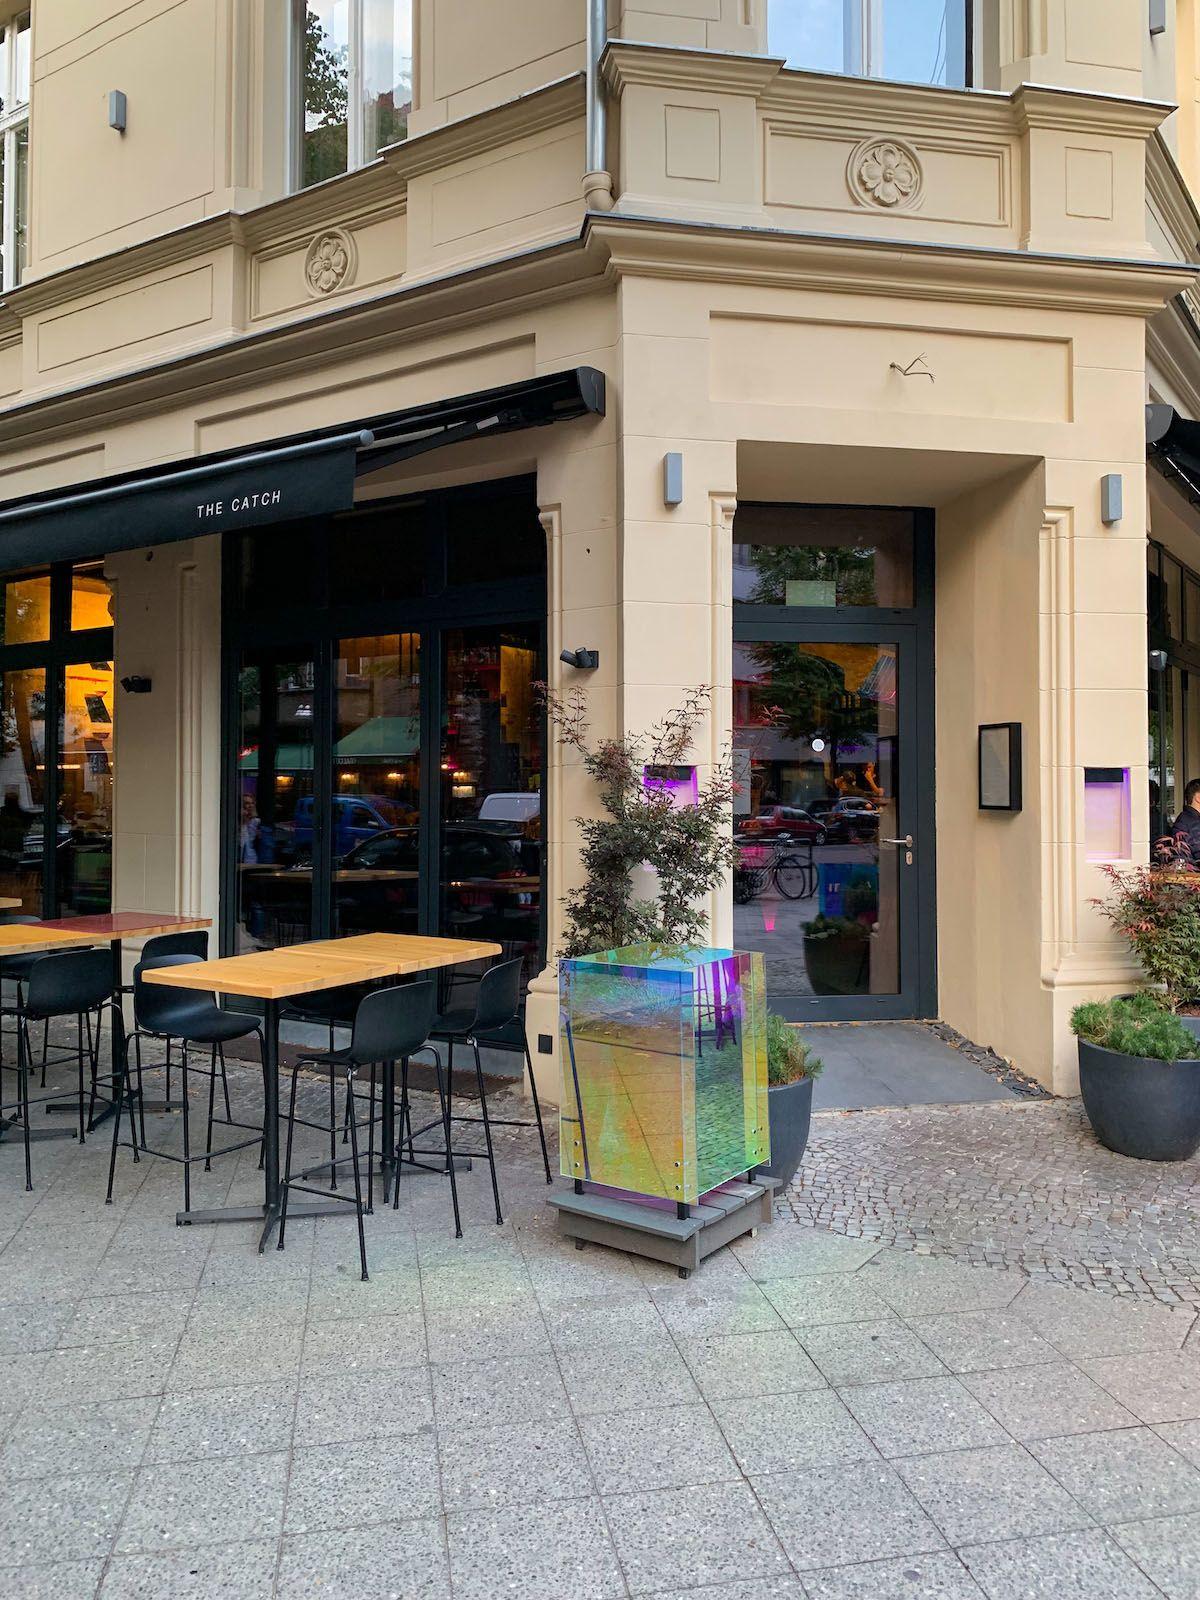 Foodblog, About Fuel, Leckerbissen, The Catch Berlin, Restaurant